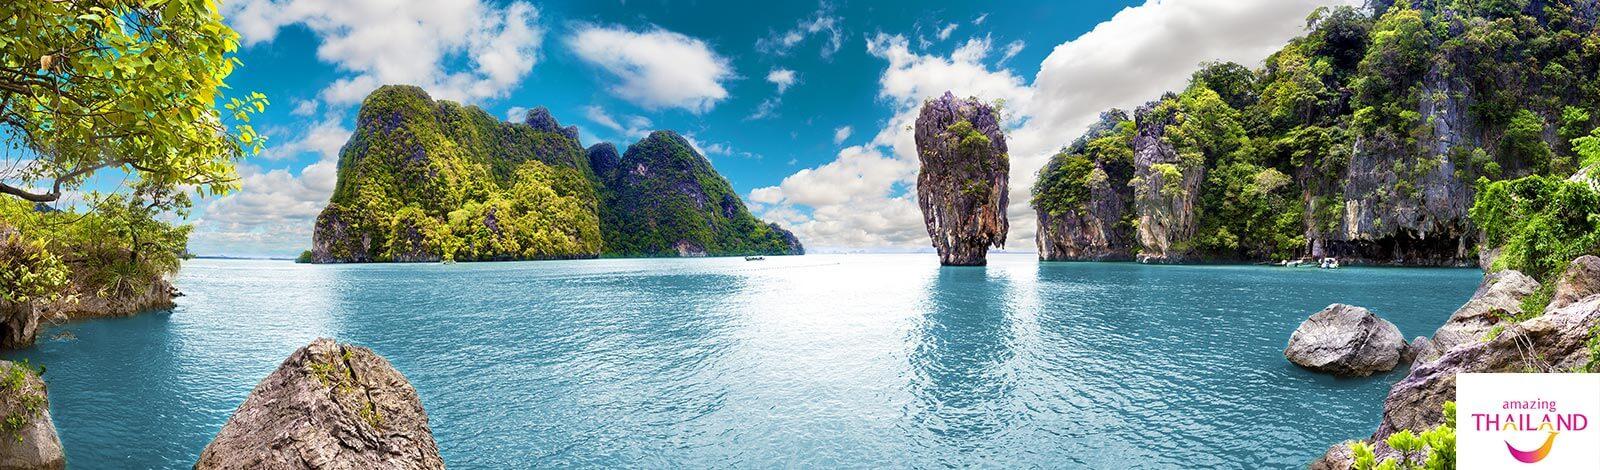 Thailand jan 2020